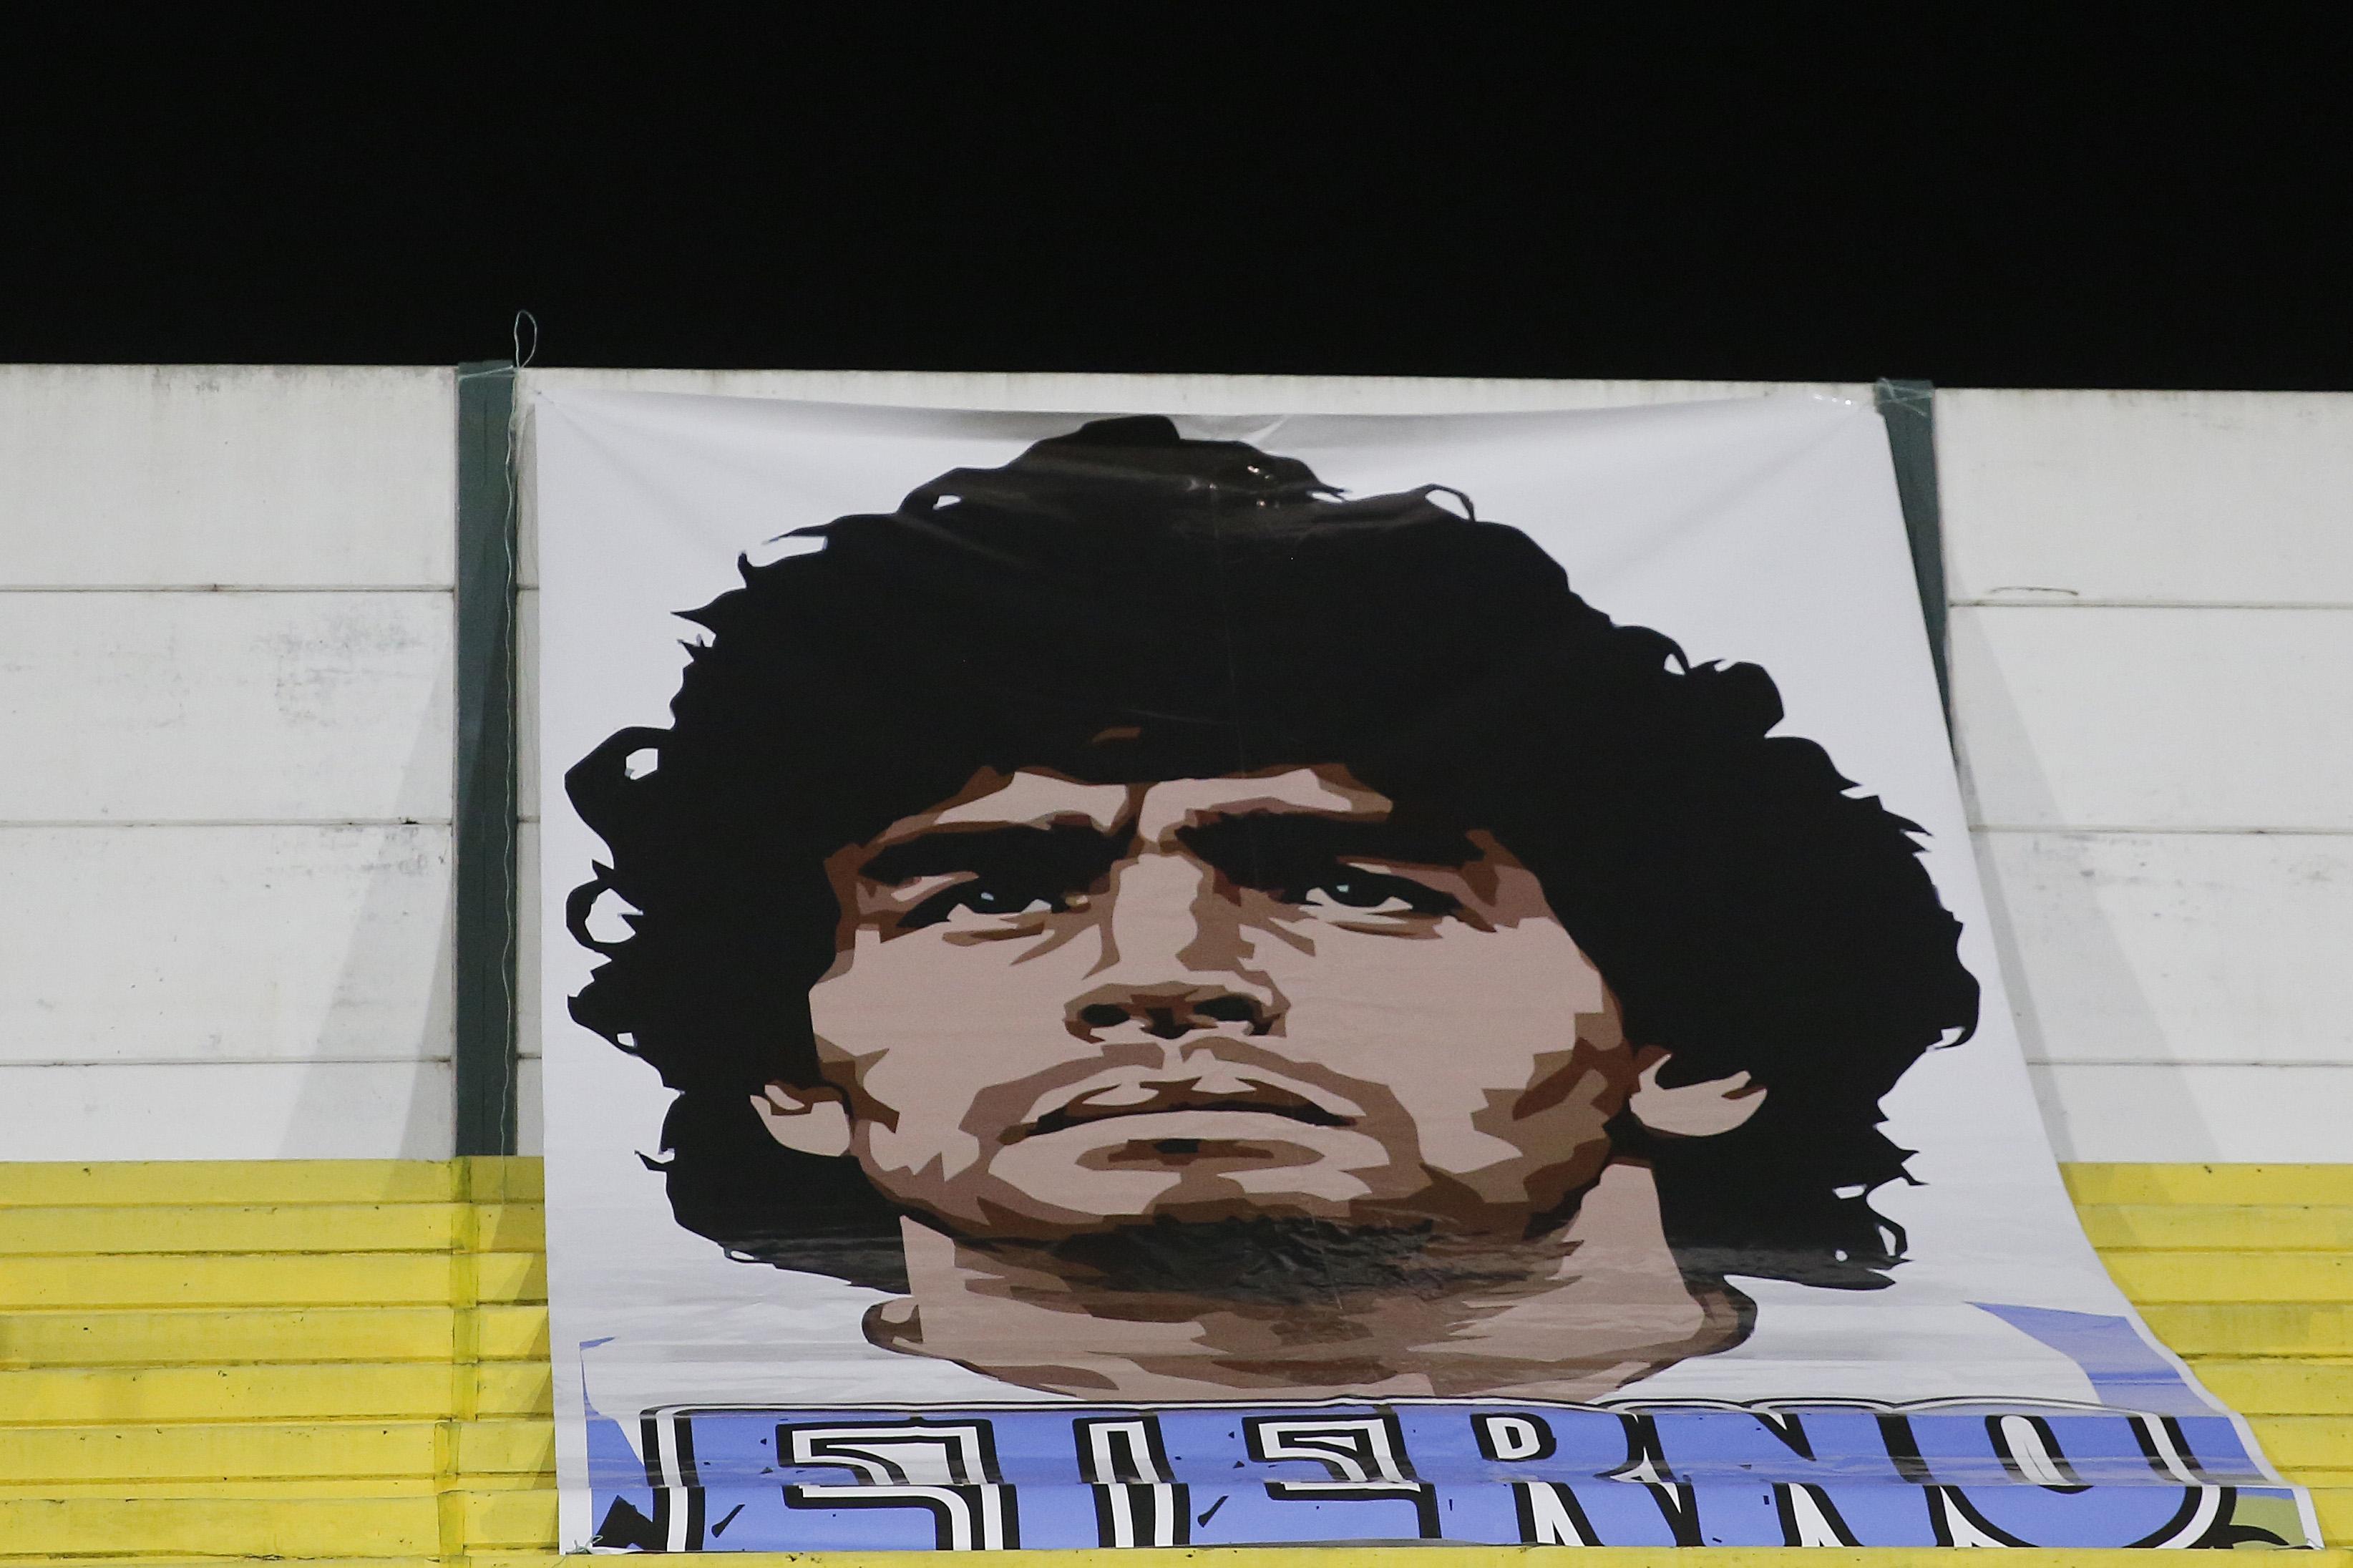 Аржентинската футболна легенда Диего Марадона, който почина на 25 ноември